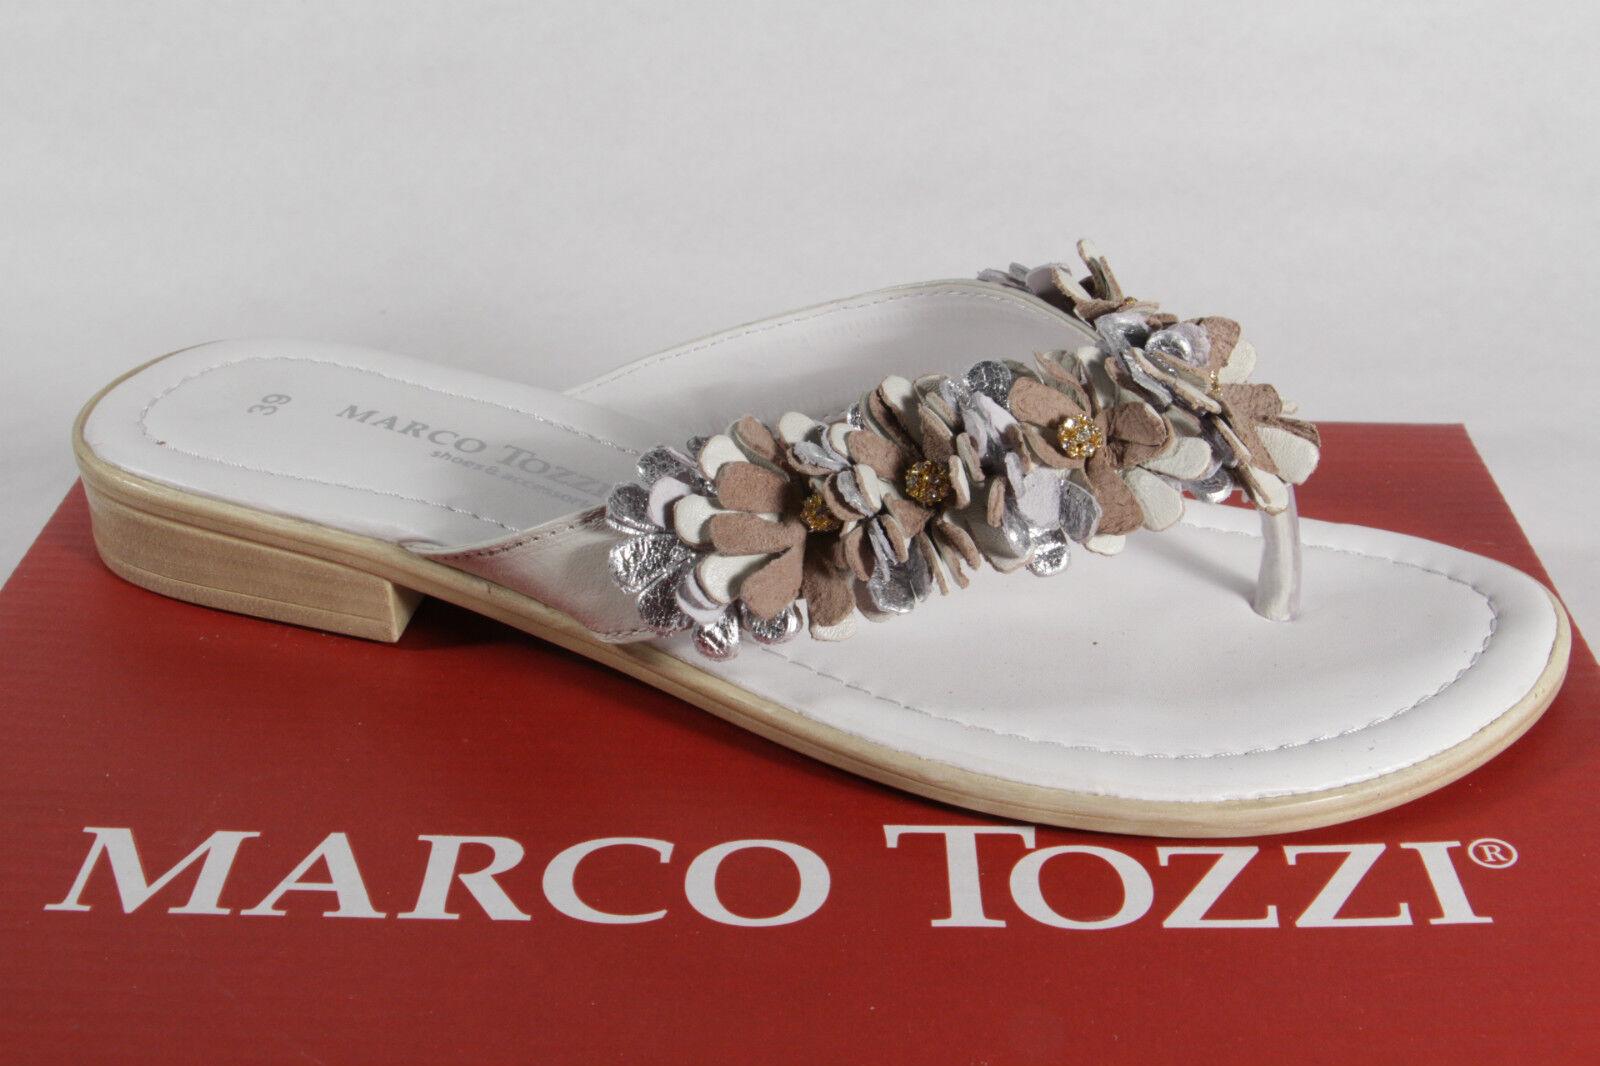 Marco Tozzi Mulas de Dedos Sandalias Pantuflas blancoo blancoo blancoo Plata Beis Nuevo  Hay más marcas de productos de alta calidad.